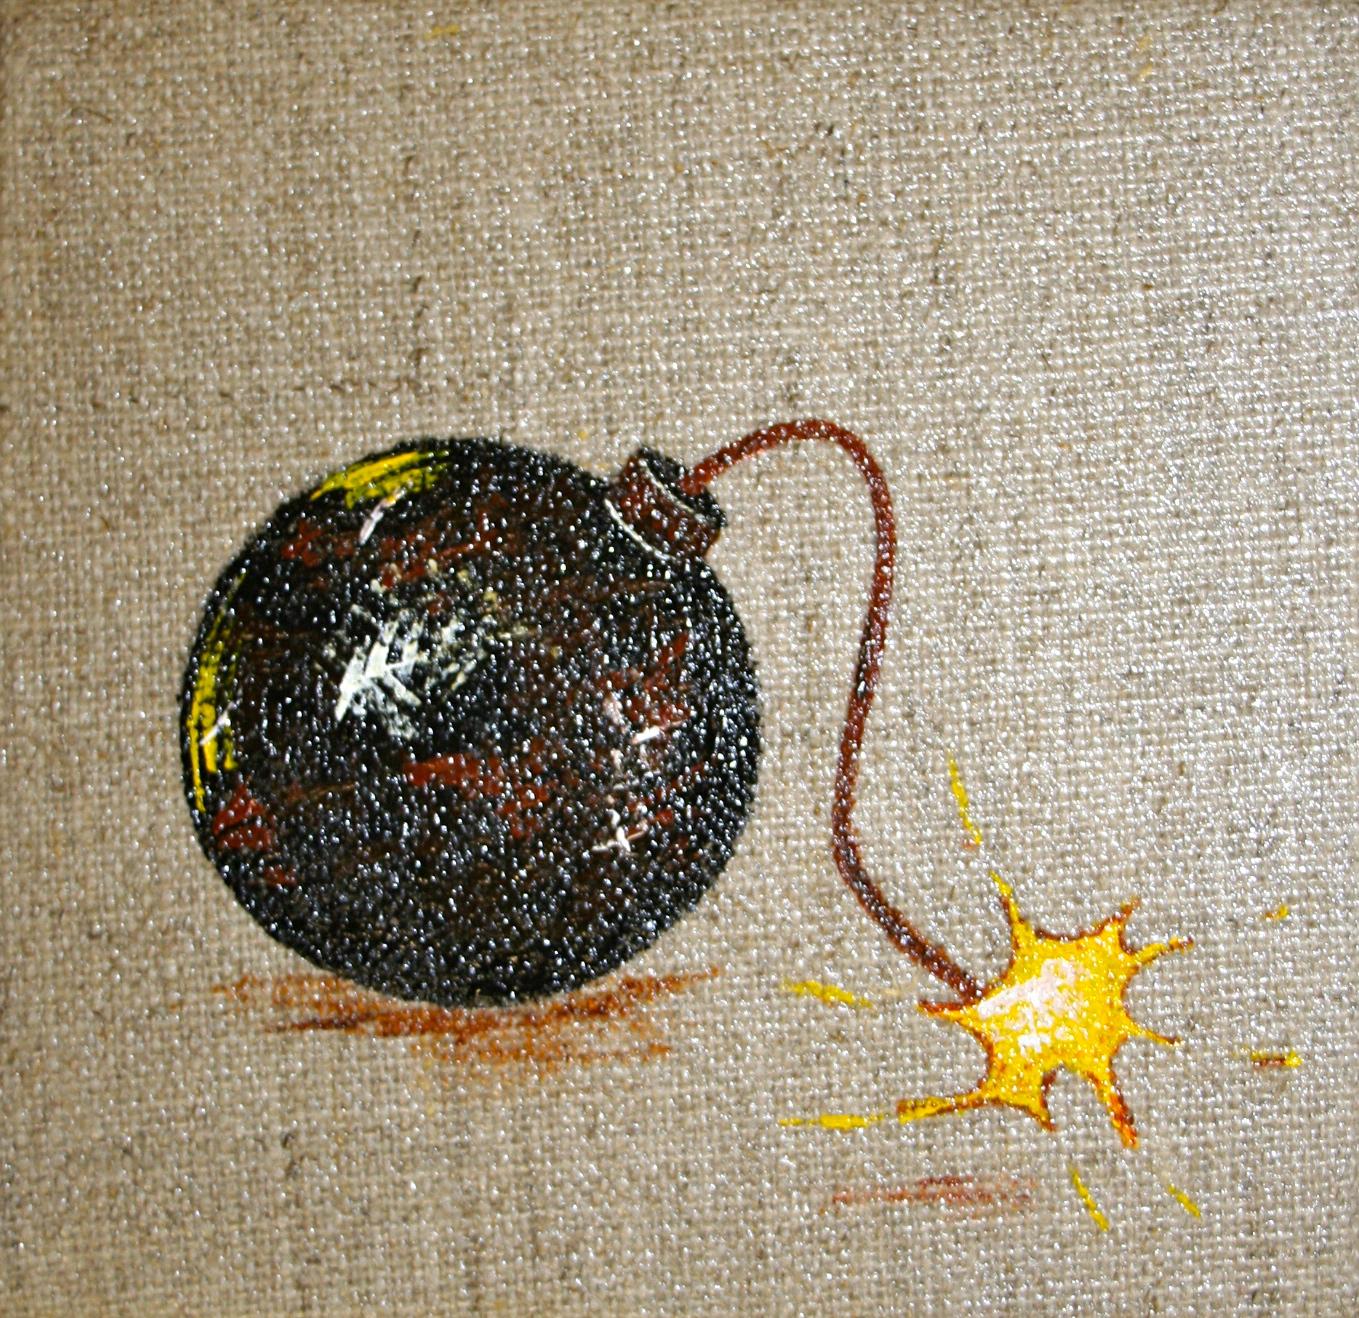 Canvas bomb  2012 Acrylics on canvas 10 x 10 x 4cm